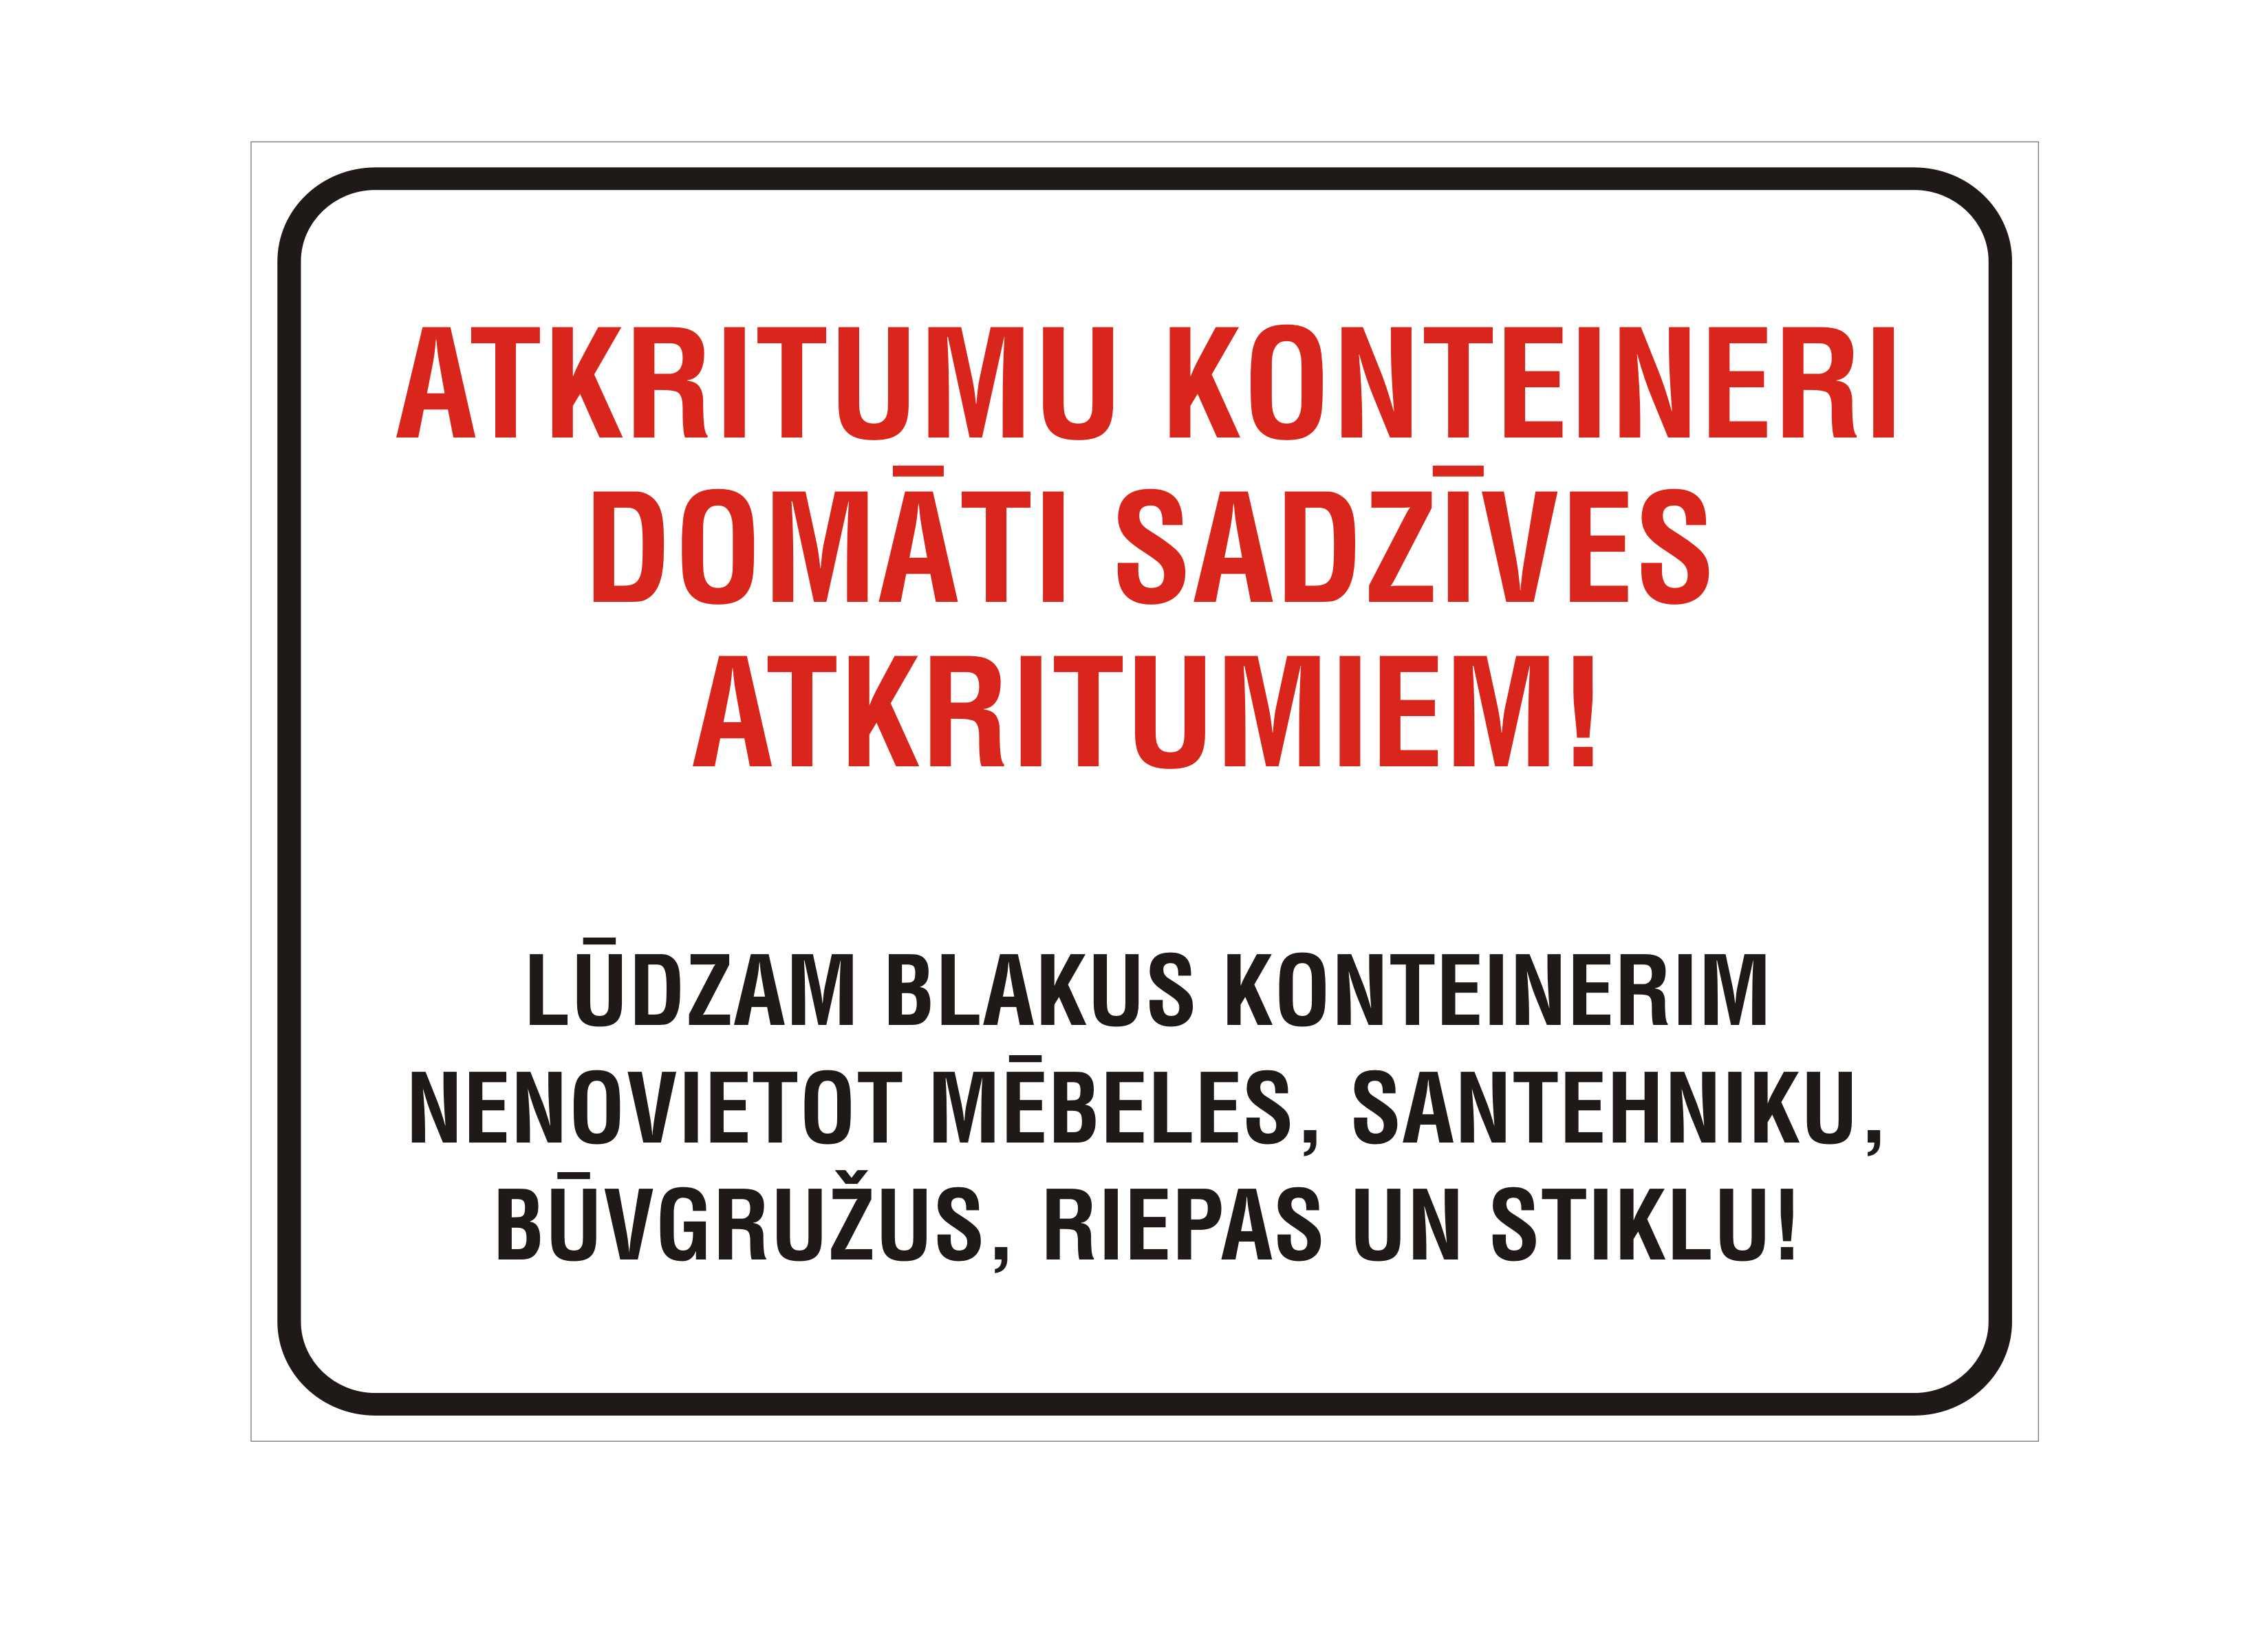 LATSIGN-bridinajuma-informativa-zime-plaksne-atkritumu_konteineri_sadzives_atkritumiem_320x440